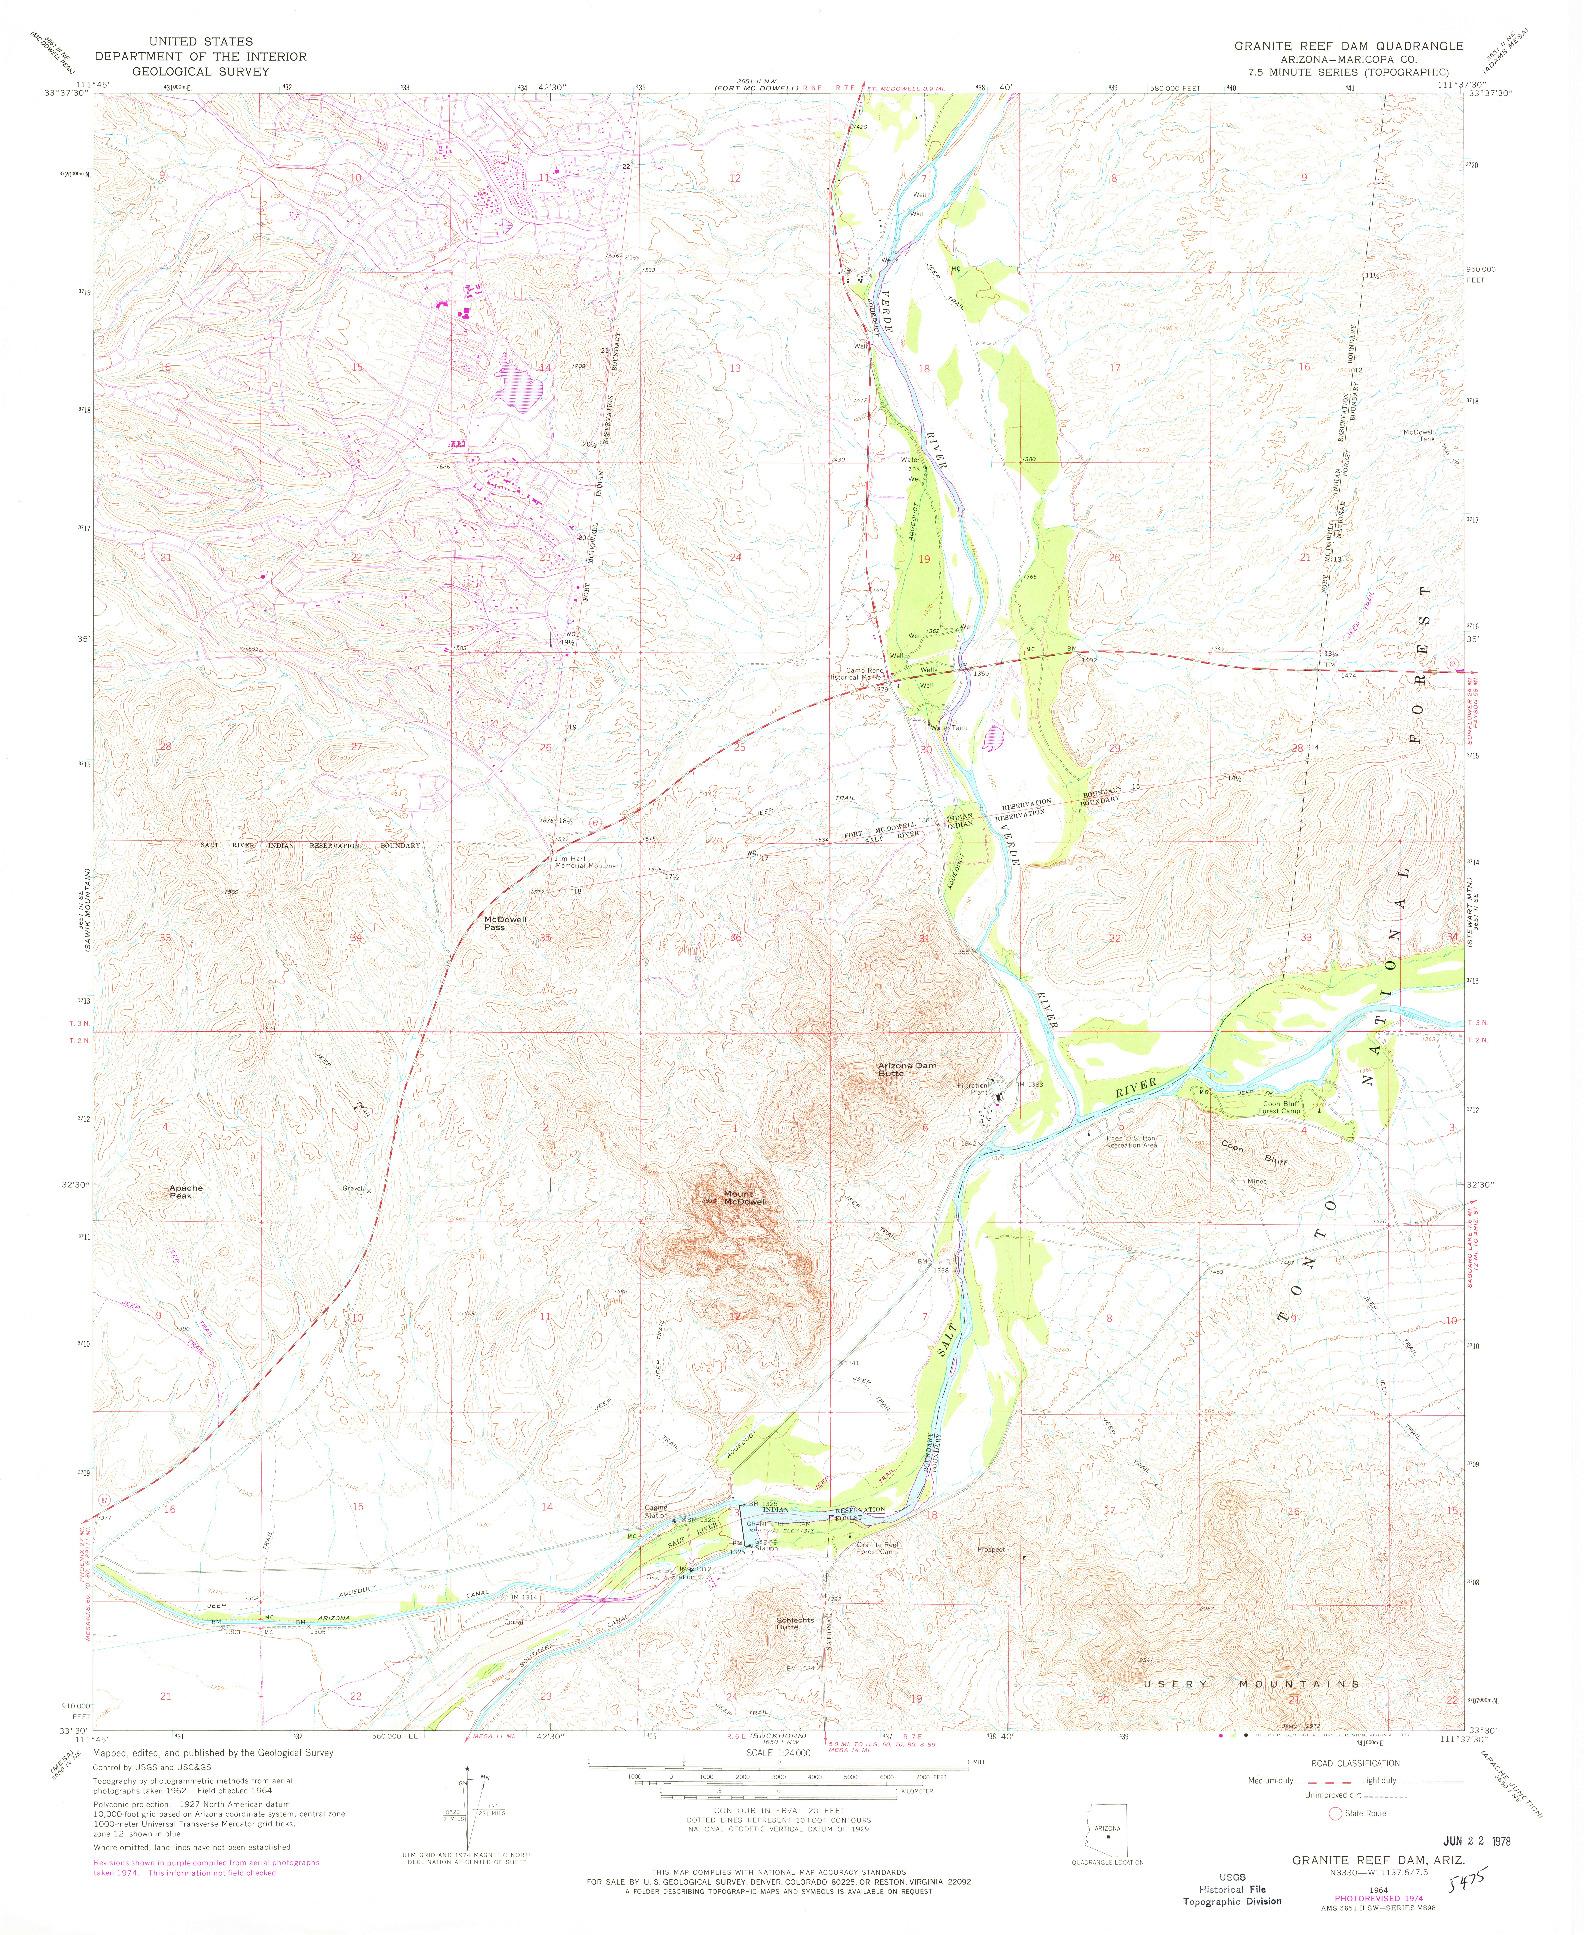 USGS 1:24000-SCALE QUADRANGLE FOR GRANITE REEF DAM, AZ 1964